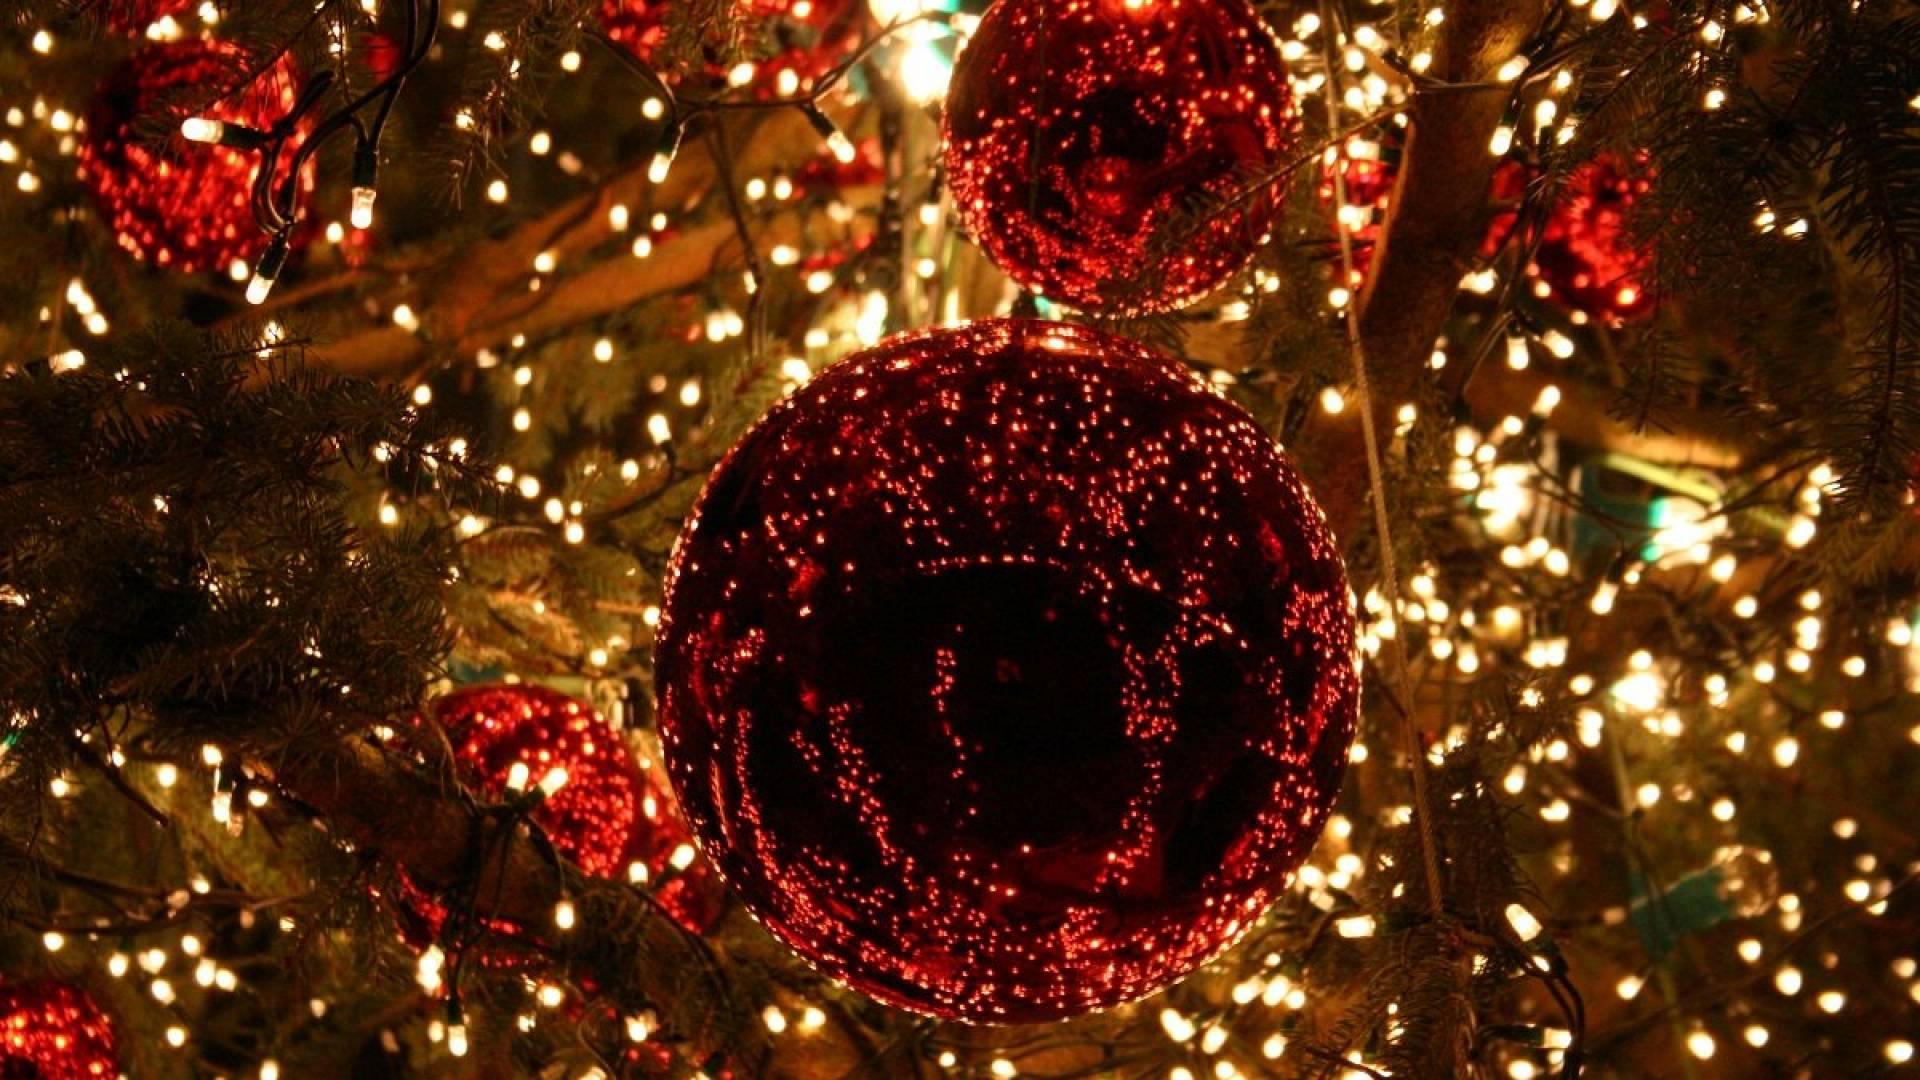 Immagini Di Natale Hd.Sfondo Hd Natale Albero Di Natale Sfondi Hd Gratis